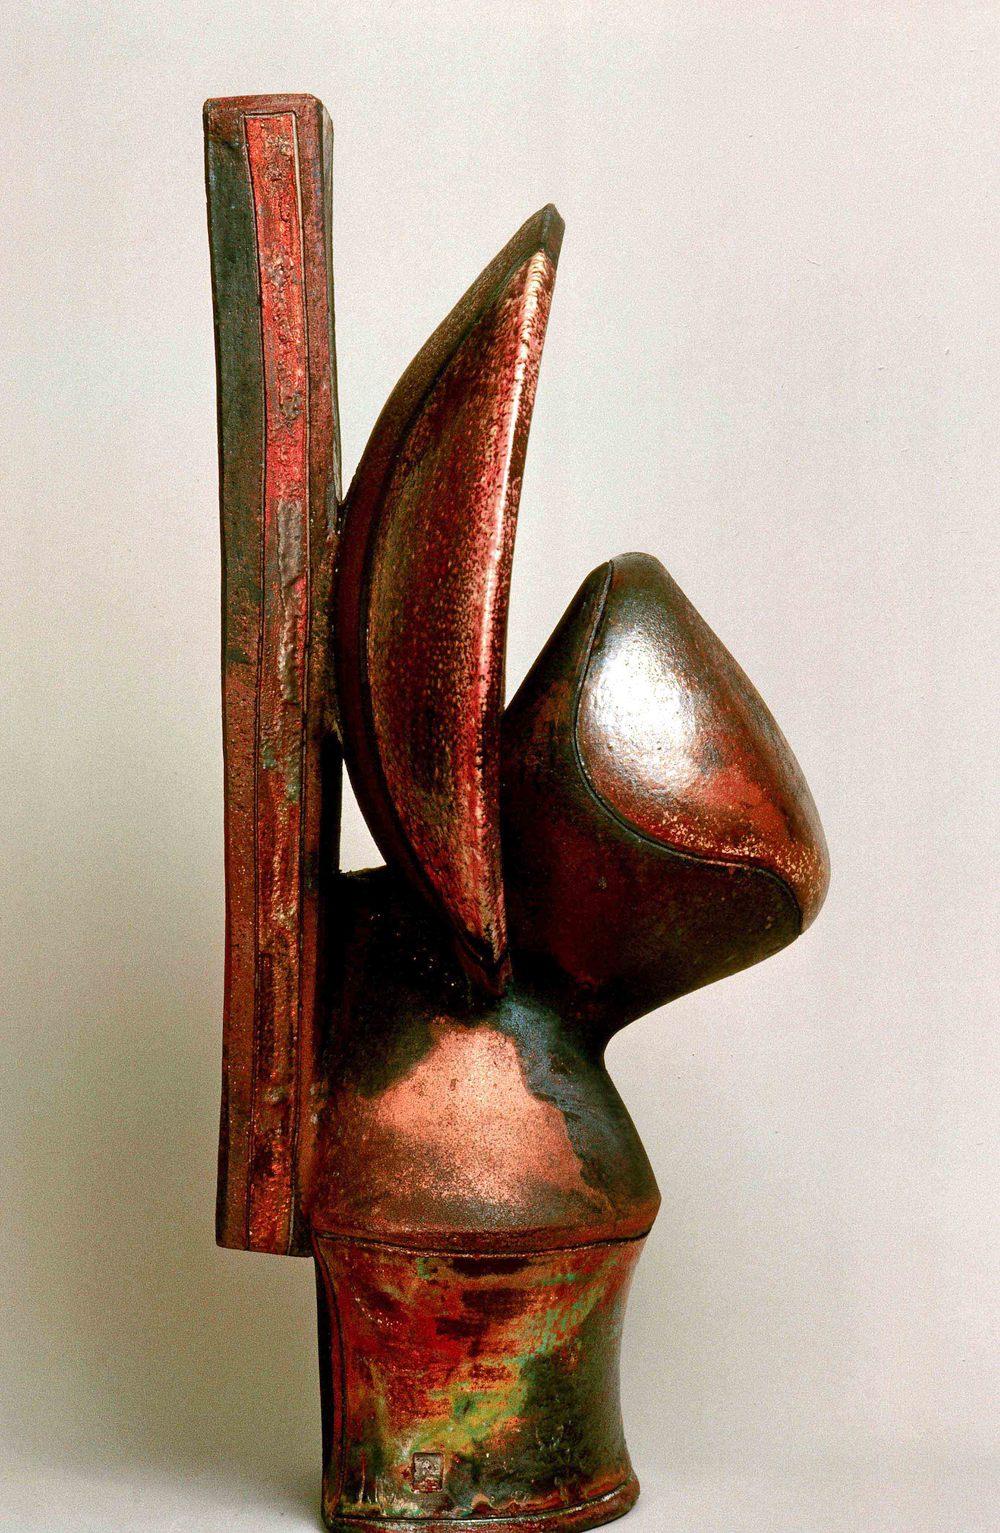 sculpture-53 - 2.jpg